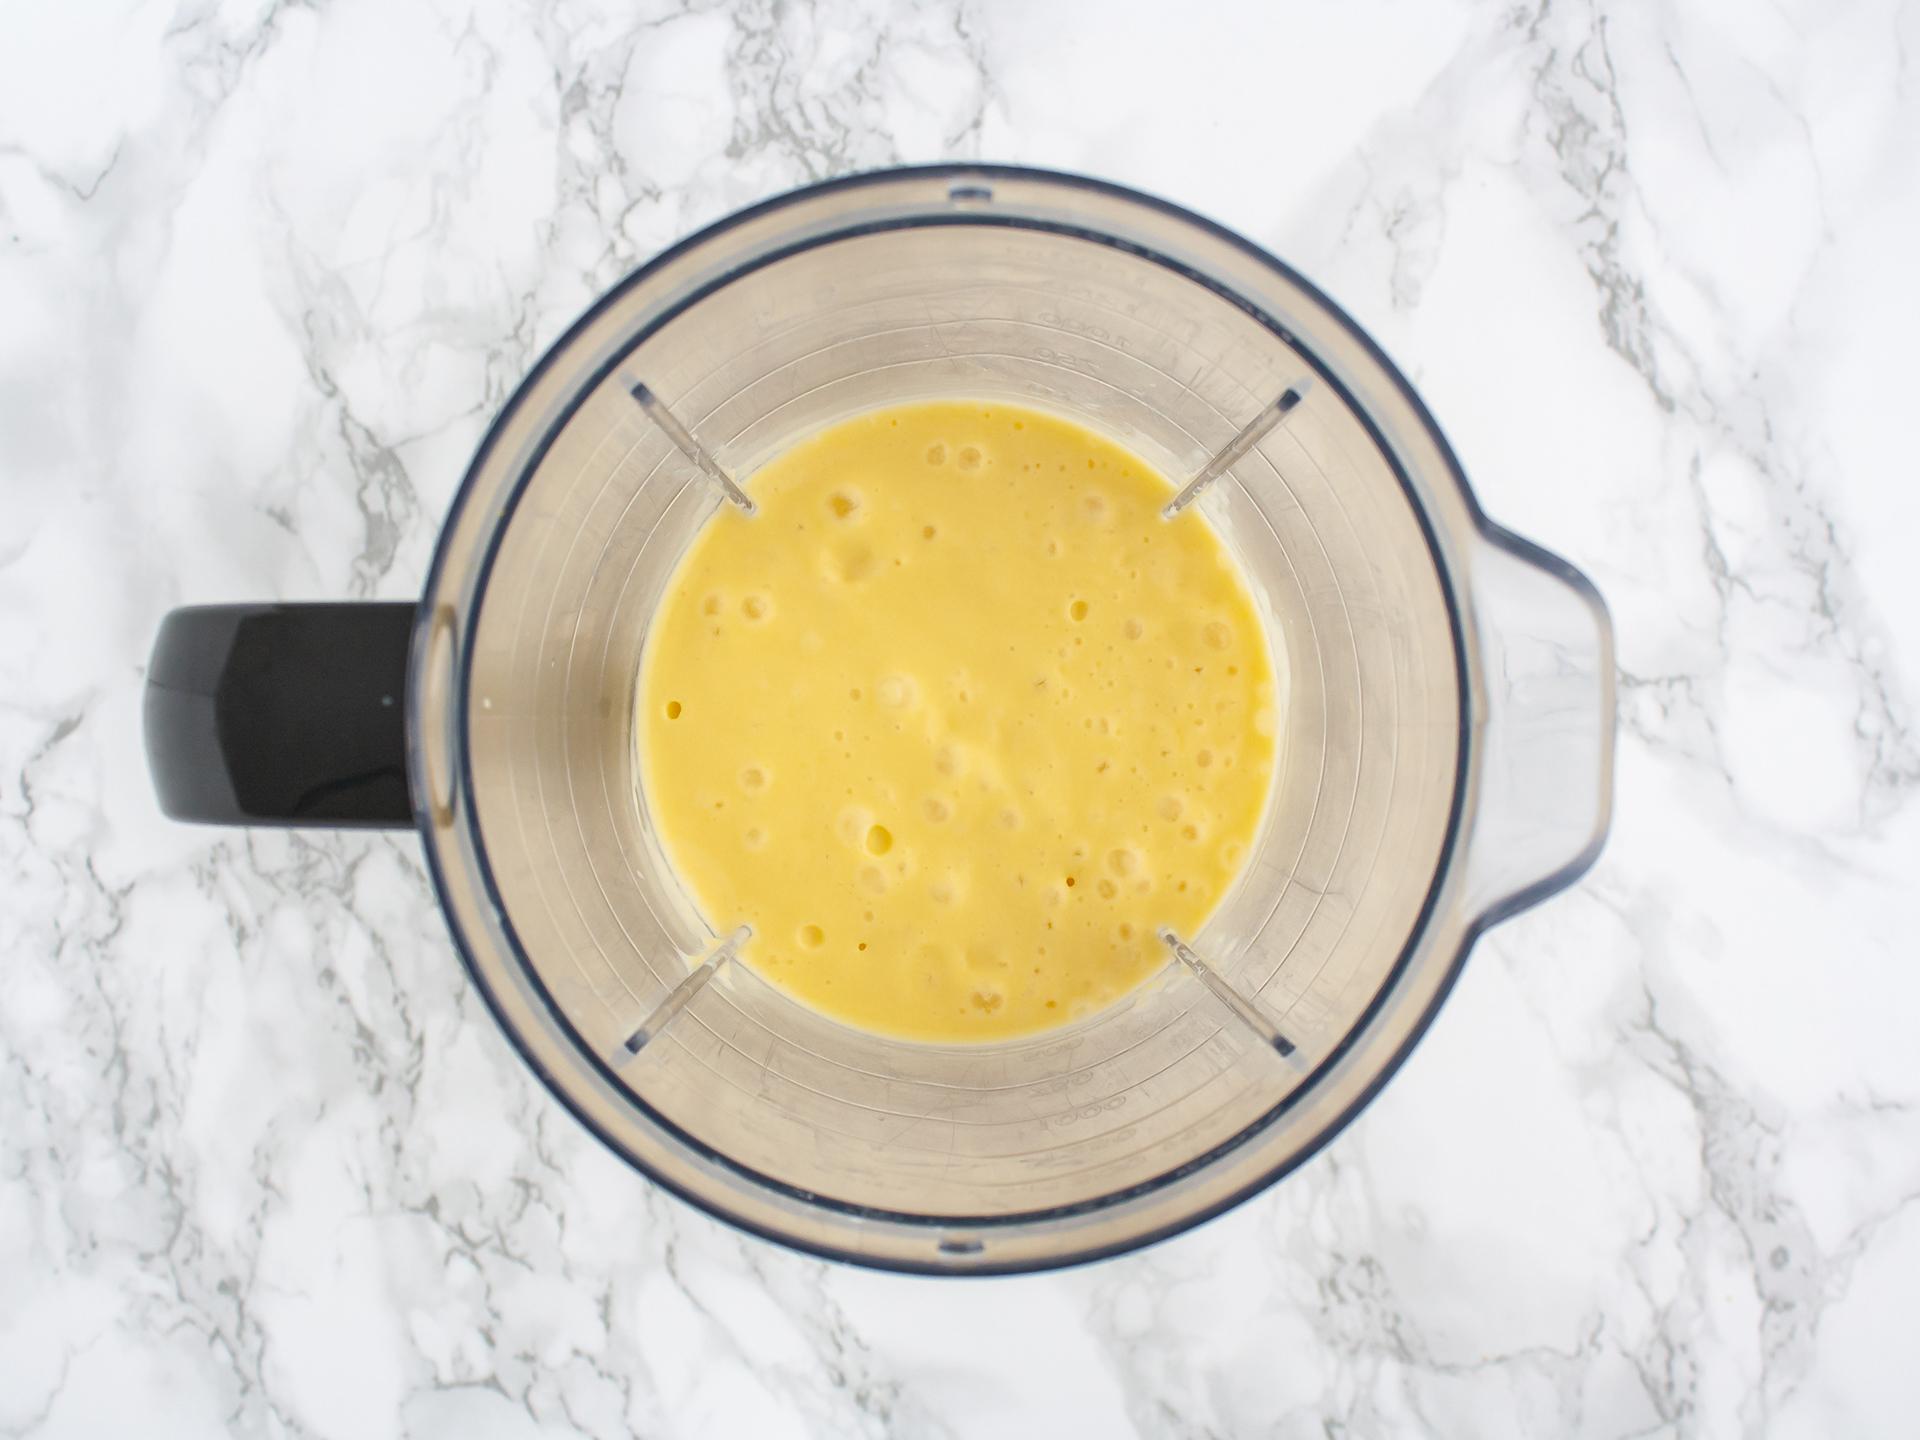 Step 2.2 of No Bake Vegan Mango Crème Brûlée